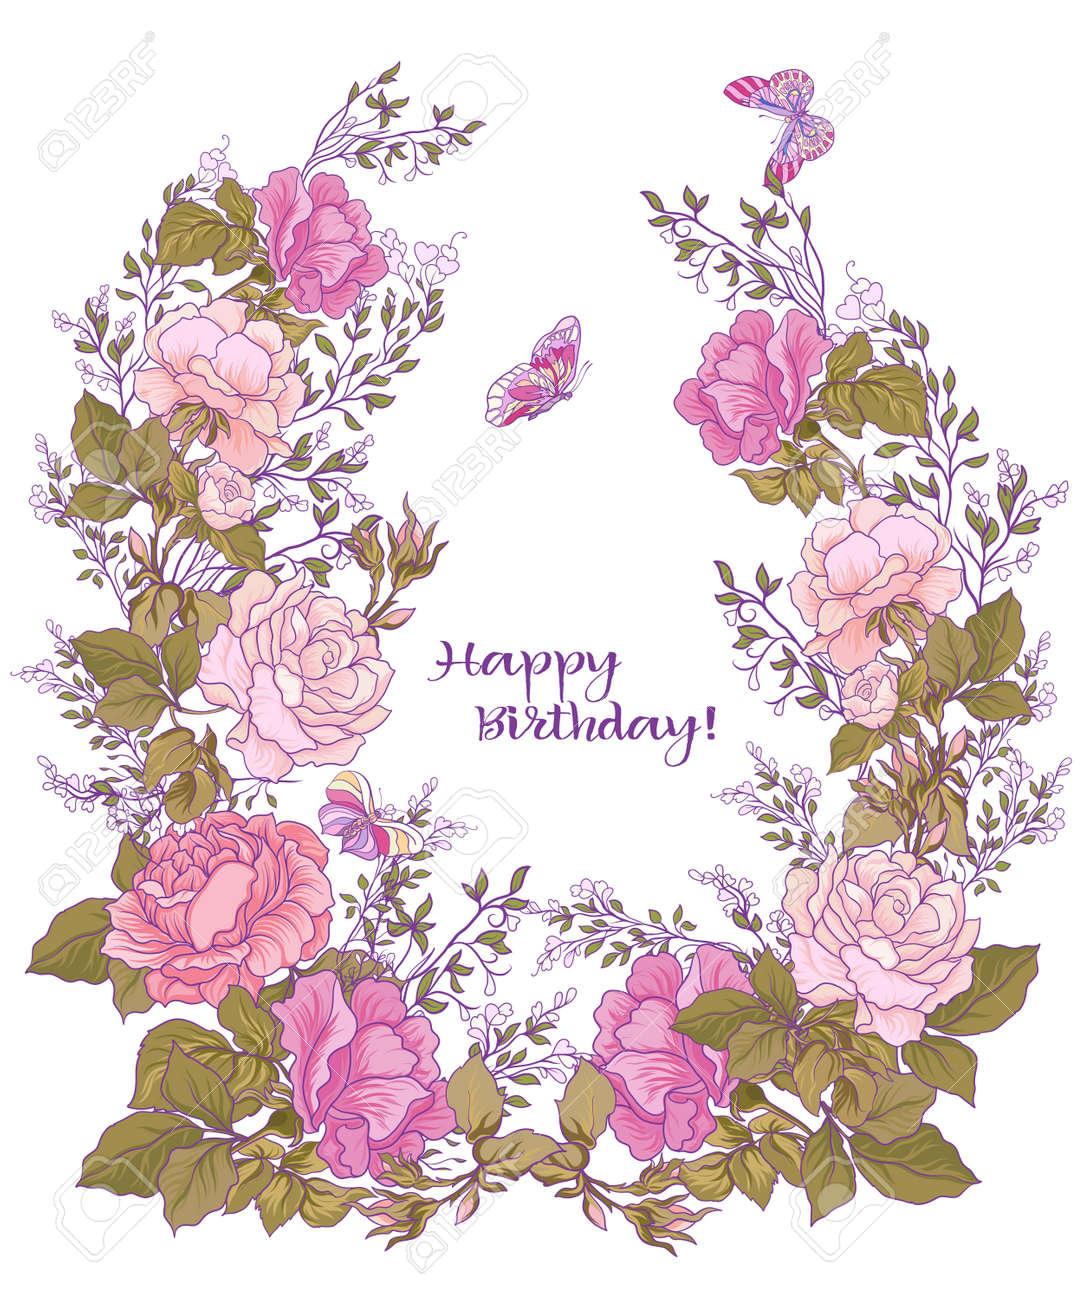 Priorità Bassa Del Fiore Di Rose E Farfalle Buono Per Biglietto Di Auguri Per Compleanno Invito O Banner Stock Vettoriale